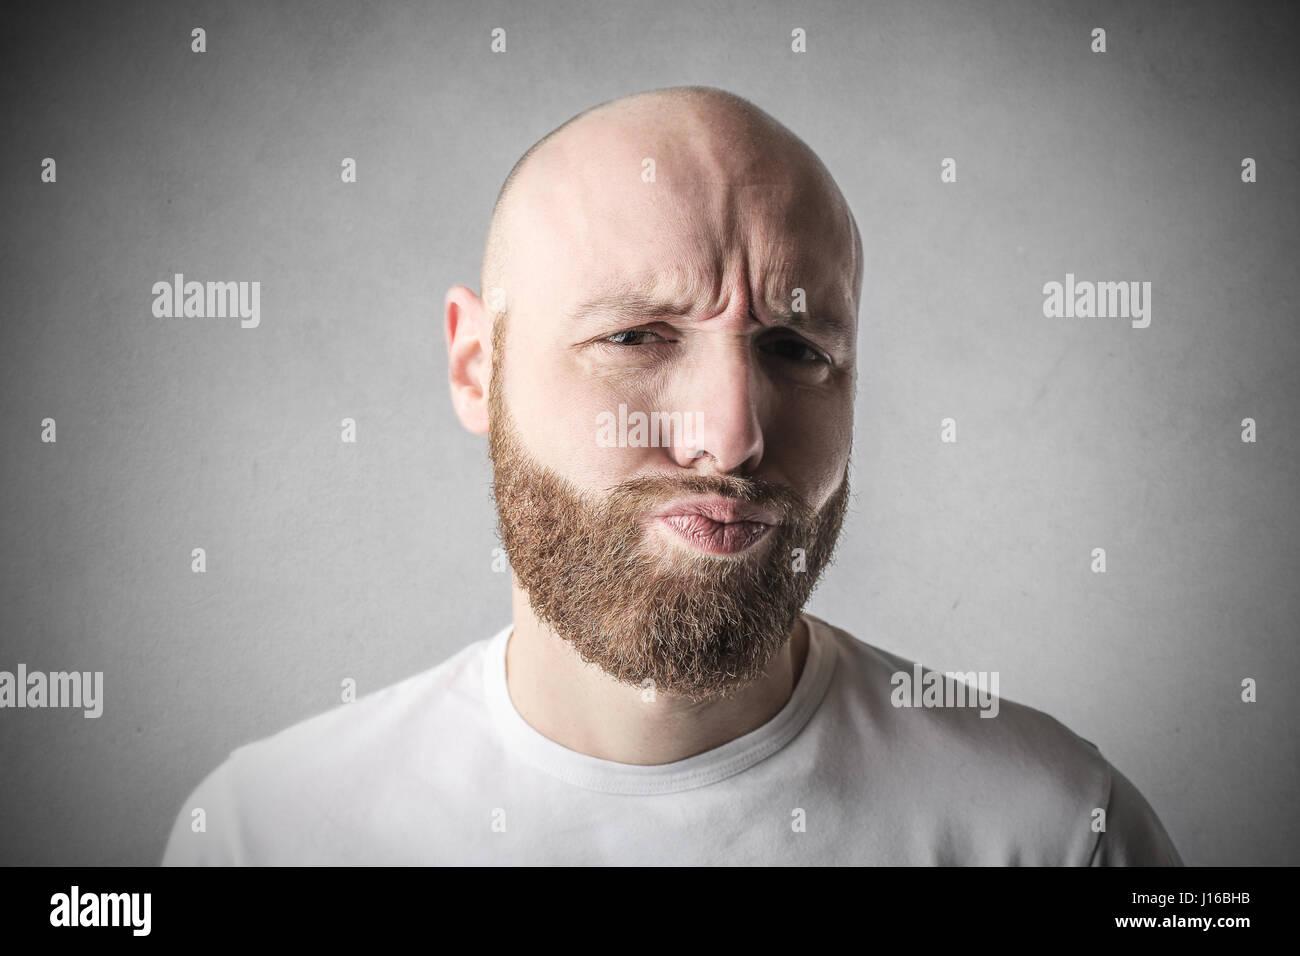 Hombre Barbado haciendo mueca Imagen De Stock